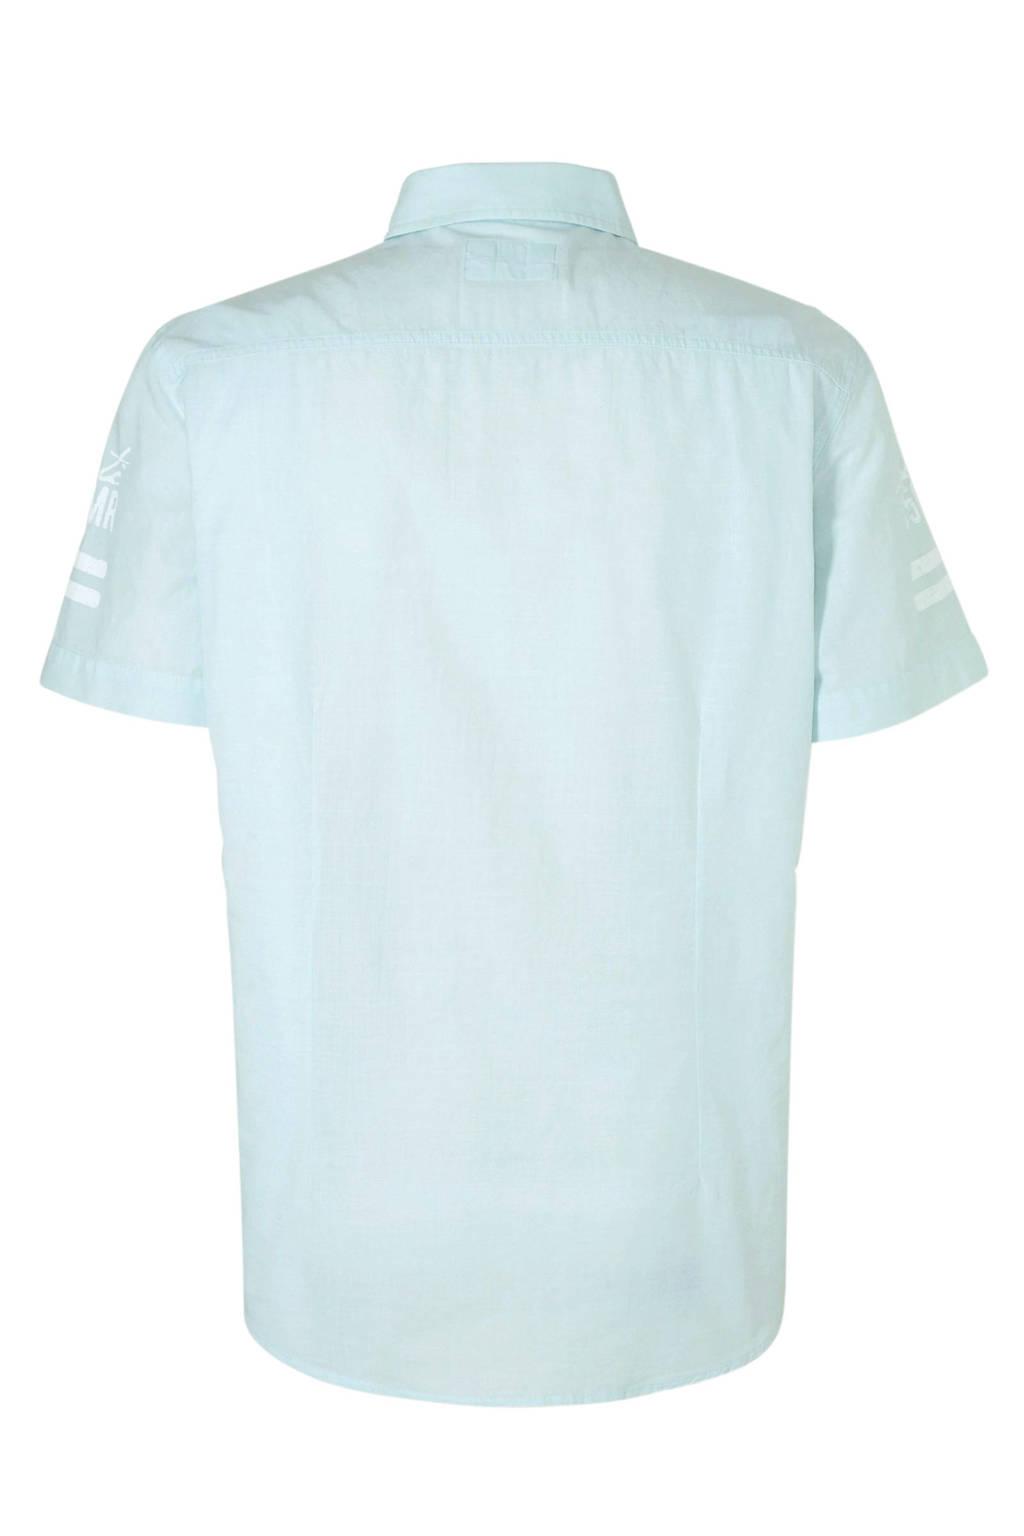 Lichtblauw Overhemd.C A Angelo Litrico Overhemd Lichtblauw Wehkamp